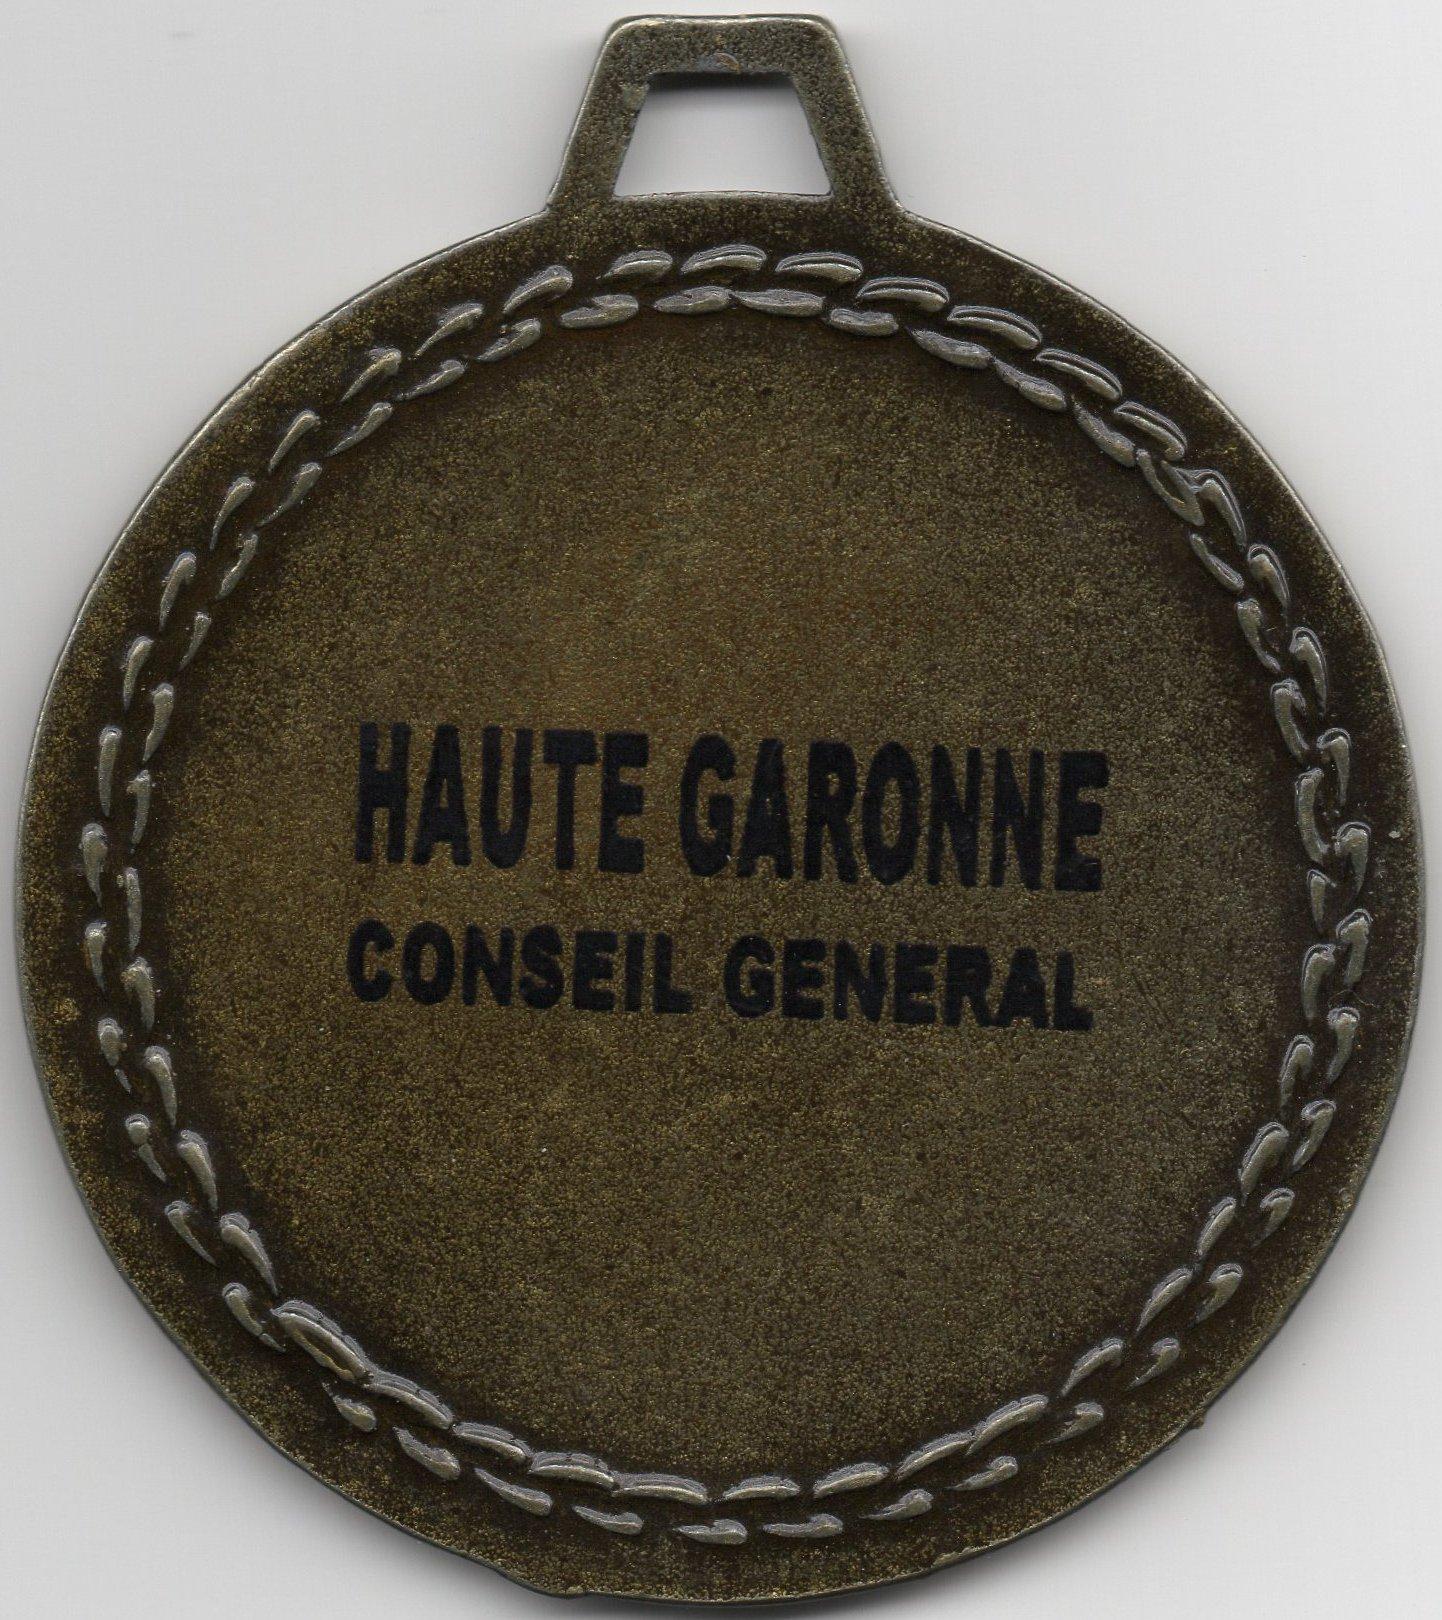 Haute garonne conseil g n ral for Haute garonne